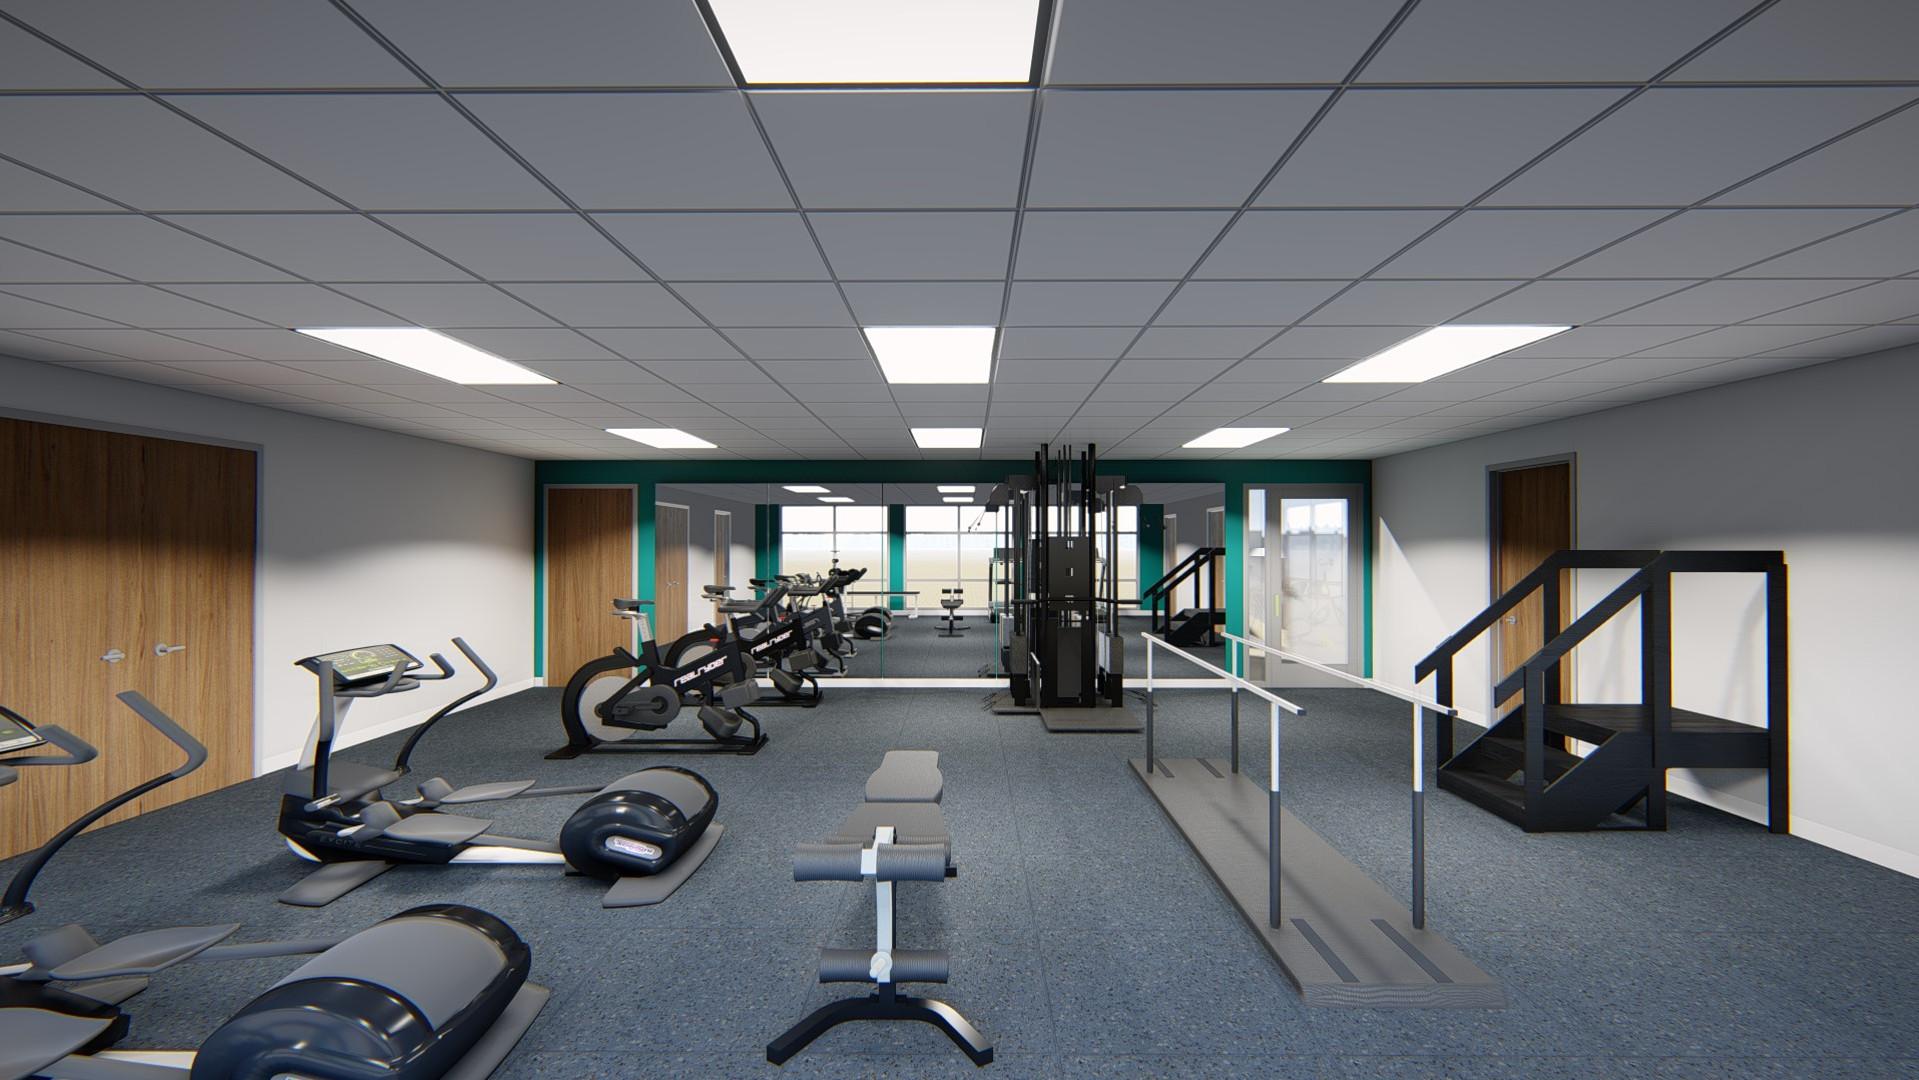 LOW RES_Gym 3.jpg